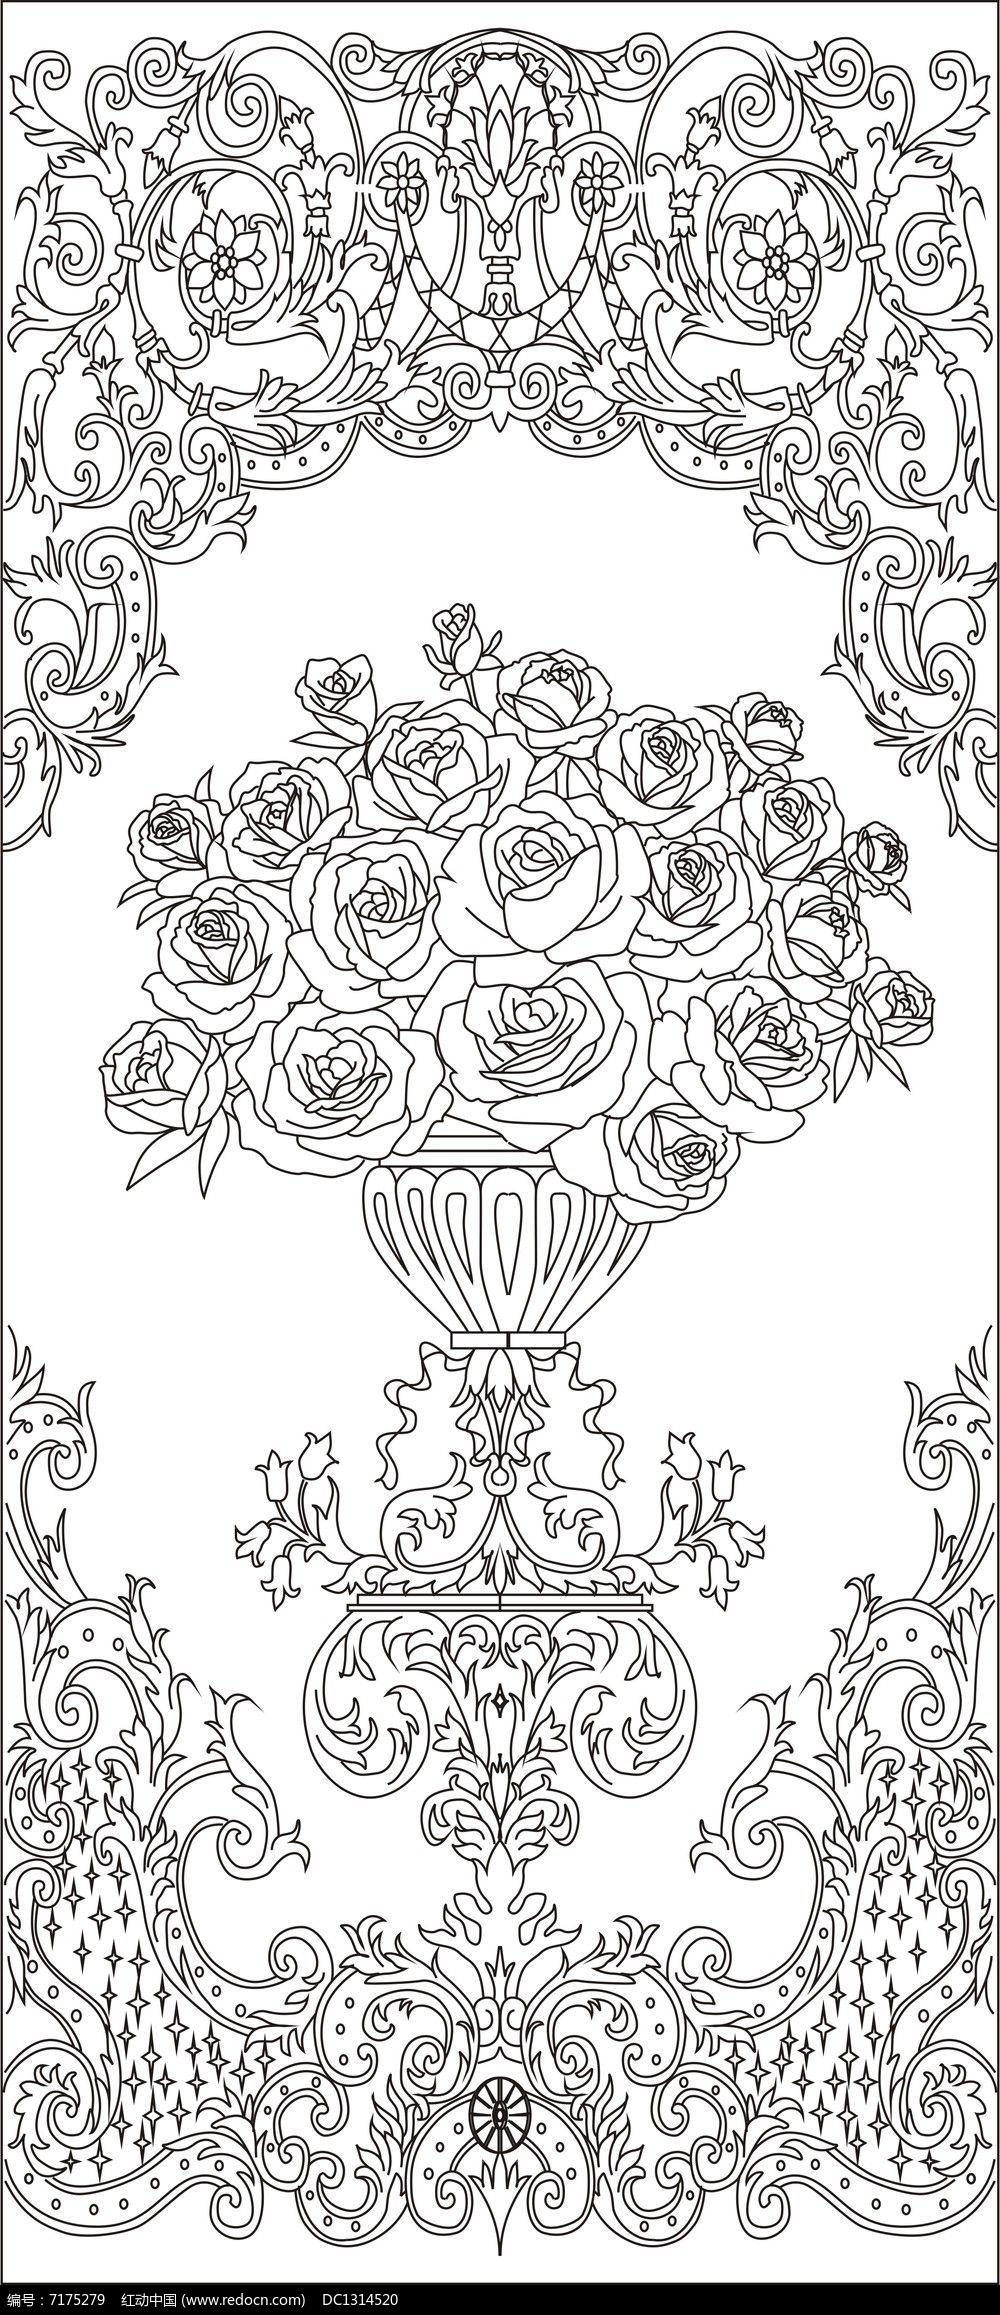 原创设计稿 装饰画/电视背景墙 雕刻图案 玫瑰花雕刻图案图片